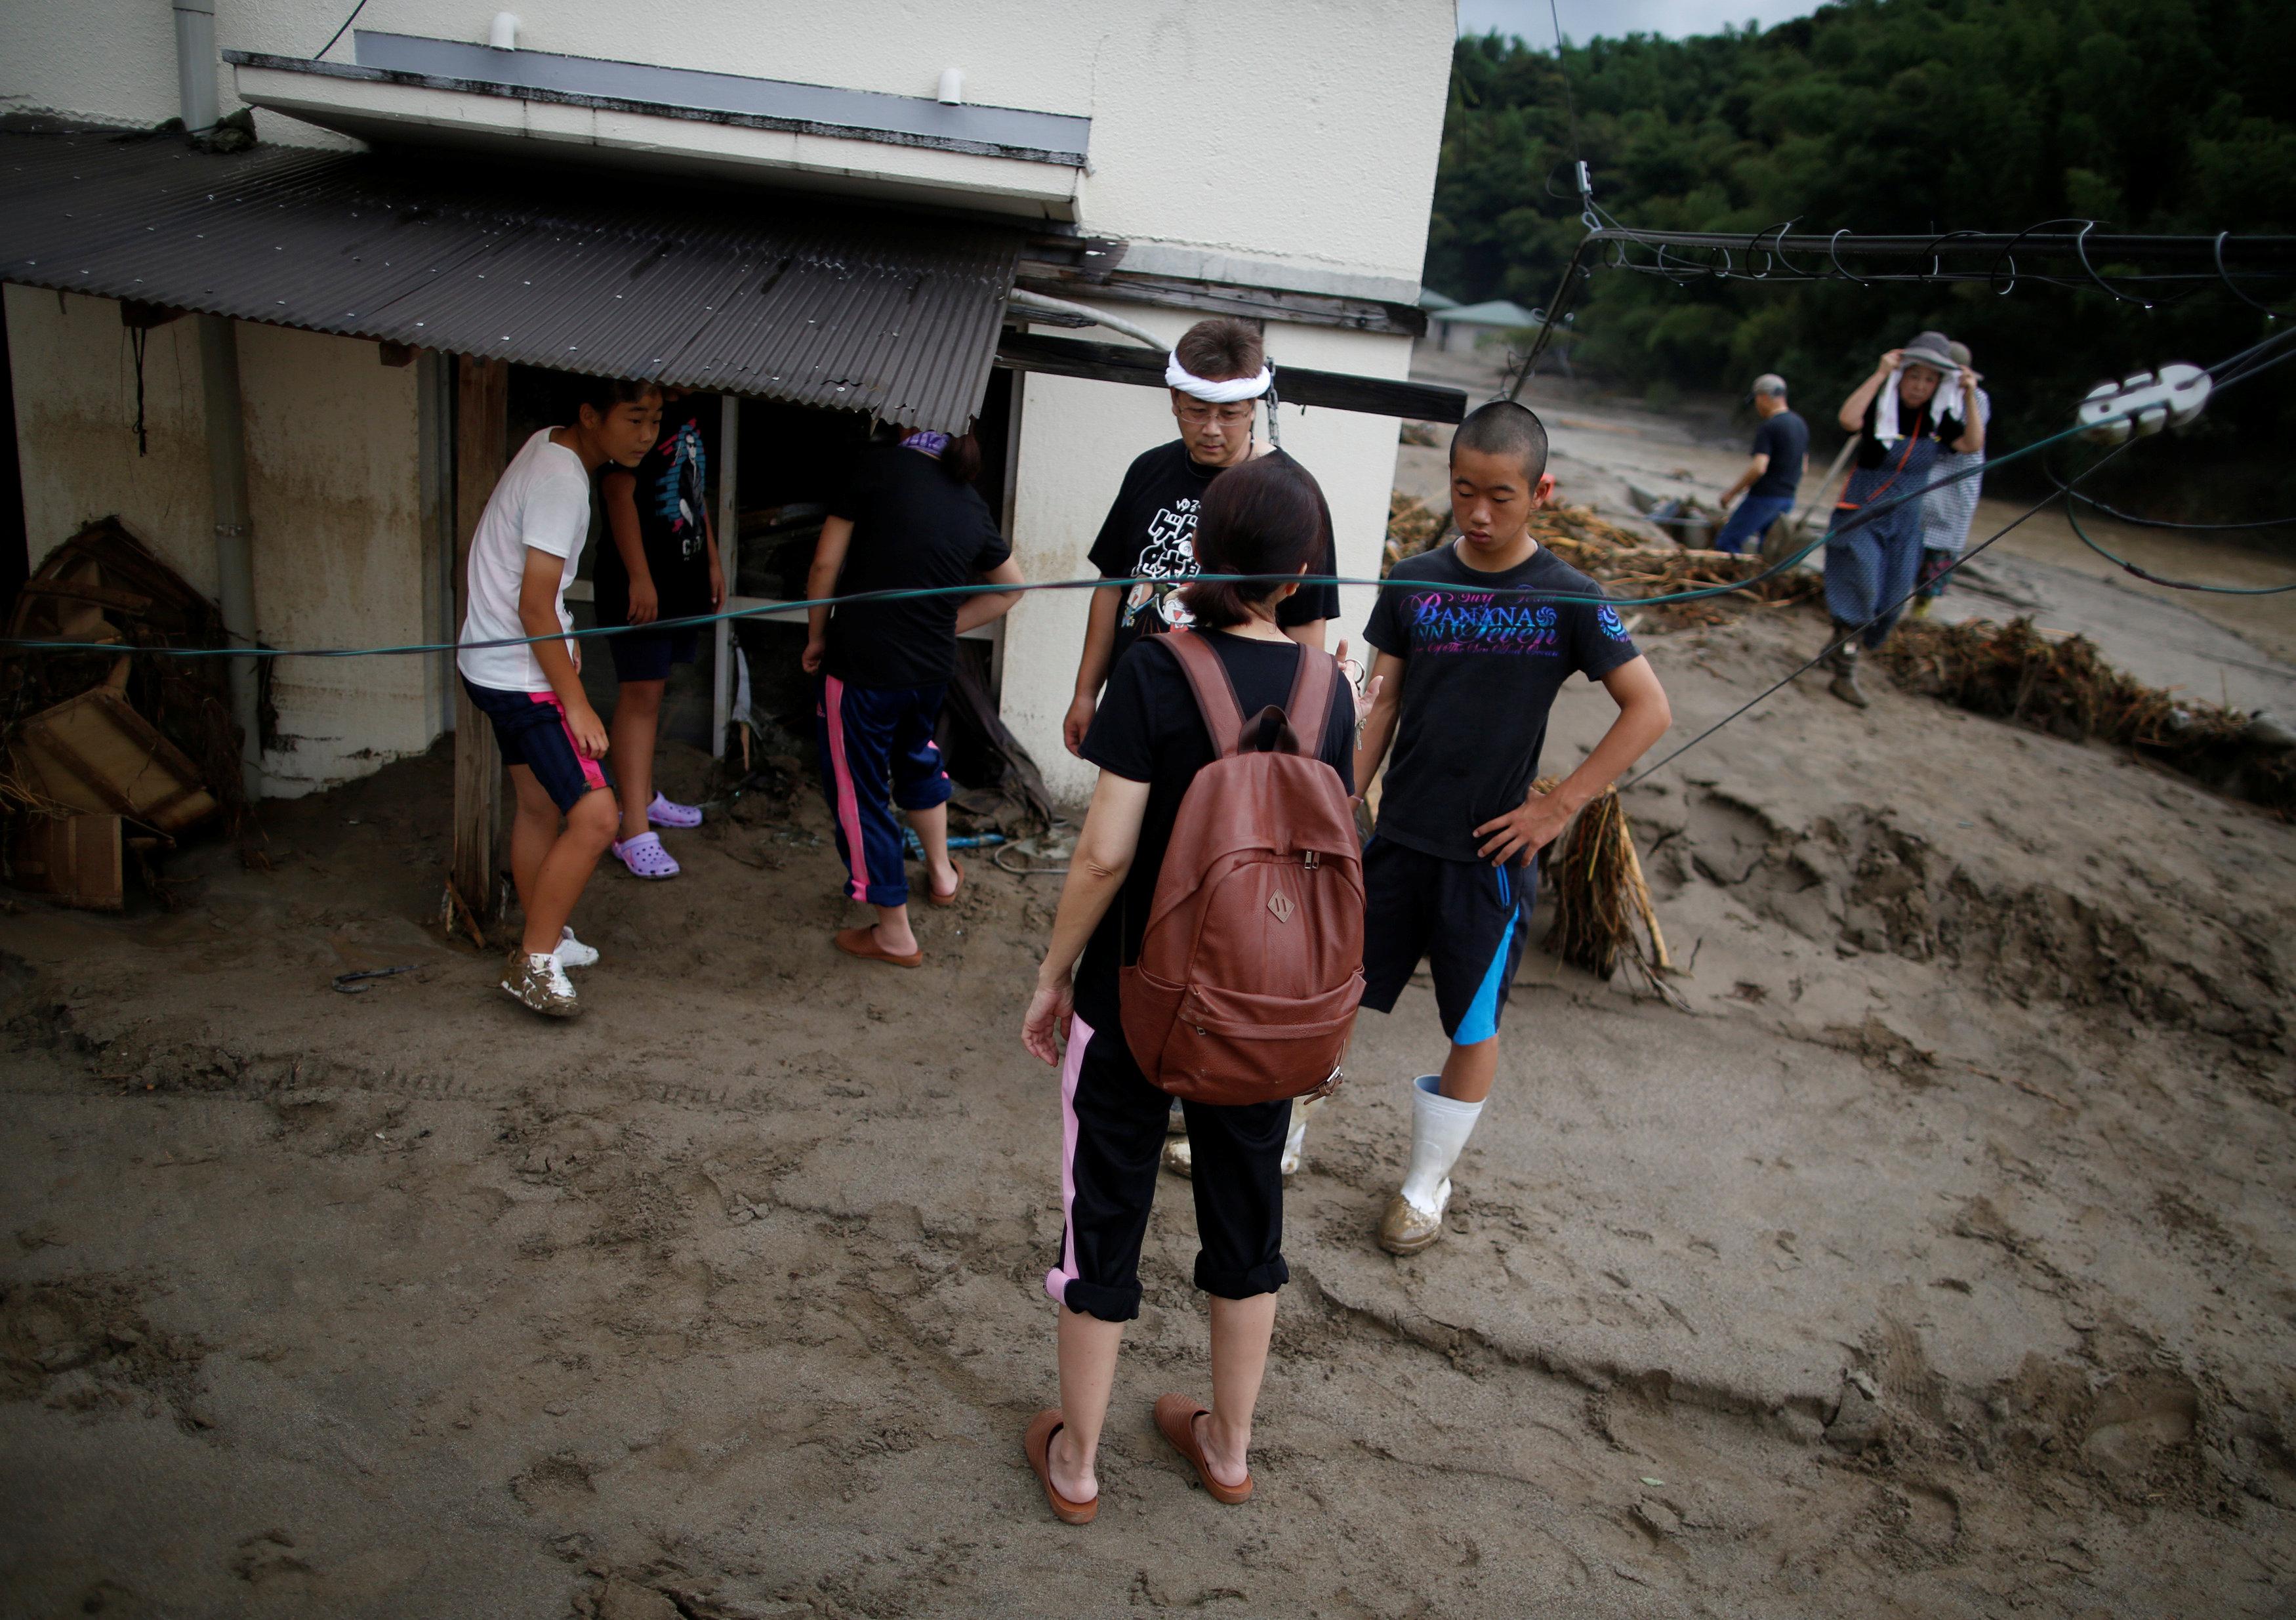 Rain wreaks havoc in Japan